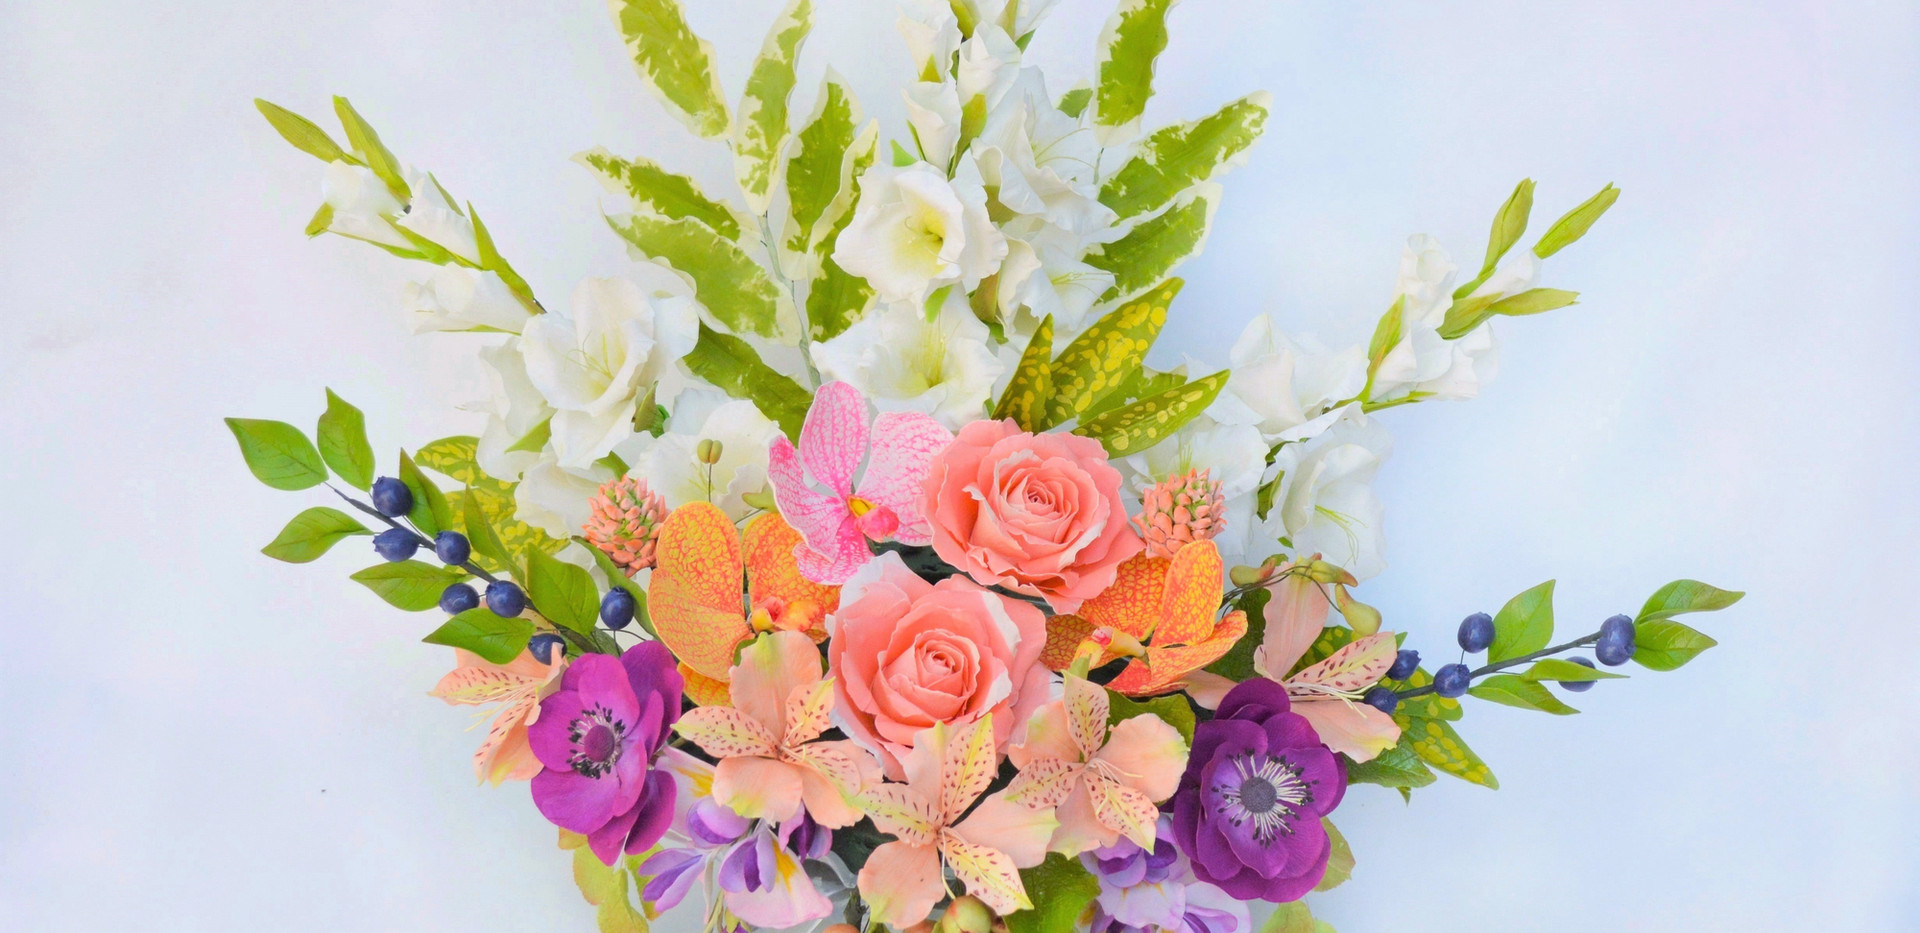 Gumpaste flower arrangement